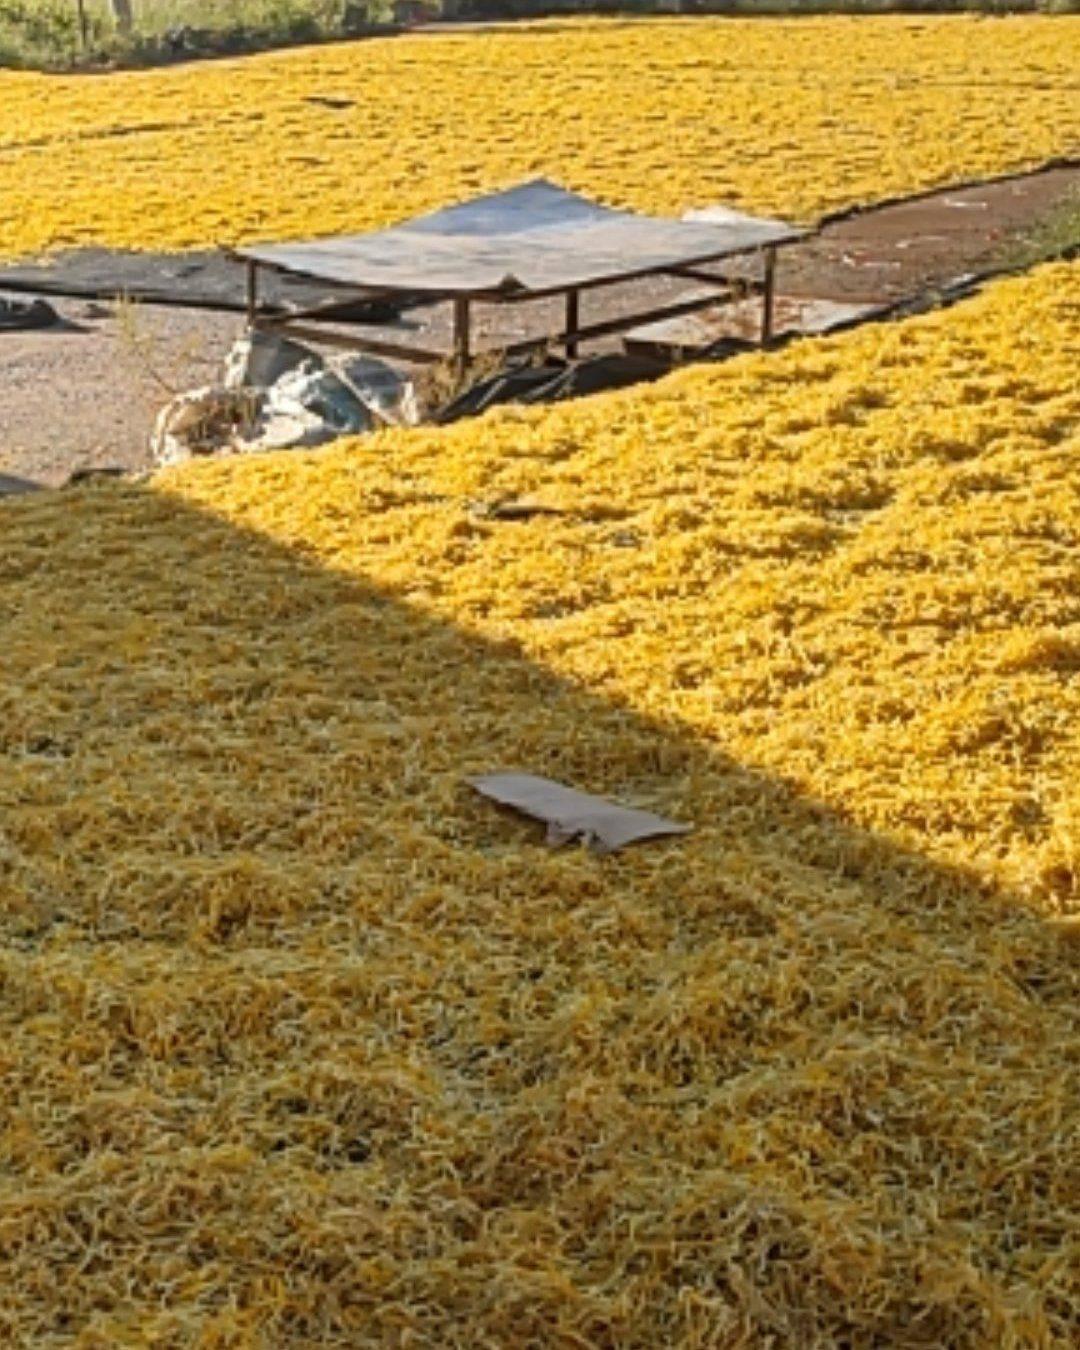 [黄花菜批发] 湖南黄花菜 颜色金黄,干度干,质量有保障,值得信赖价格9.5元/斤